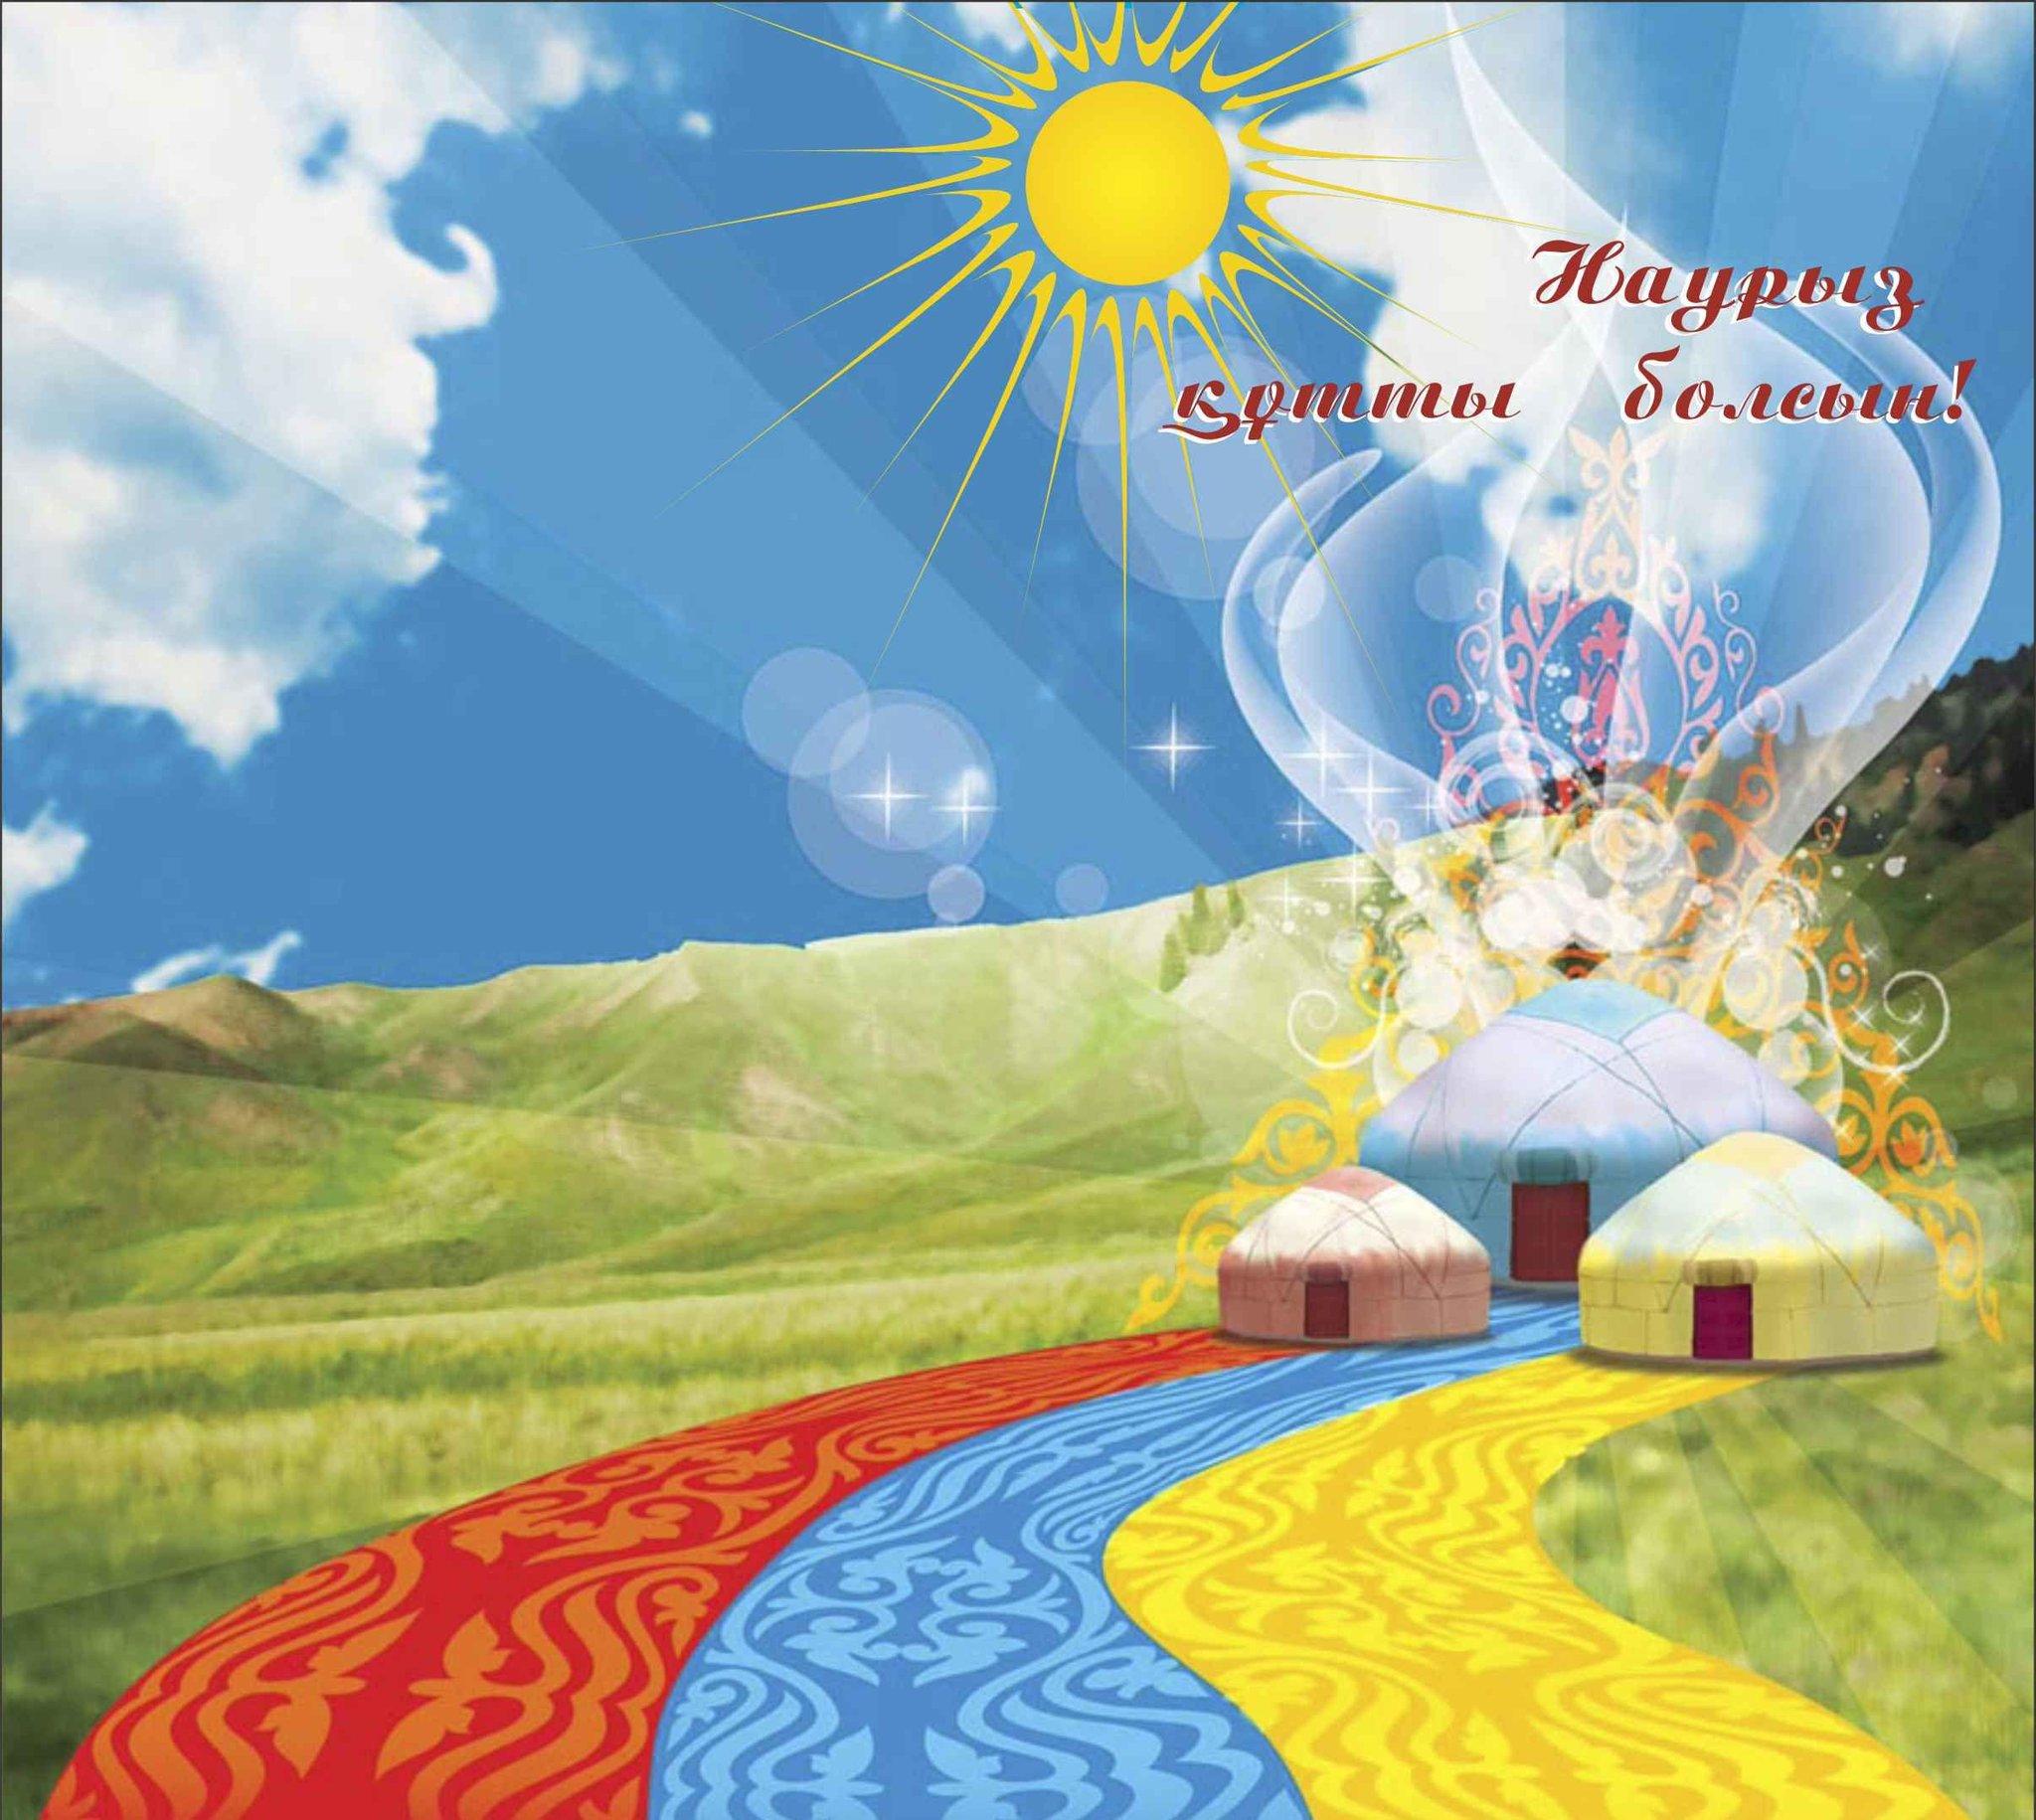 Открытки на наурыз 22, мартышкой открытка букетом